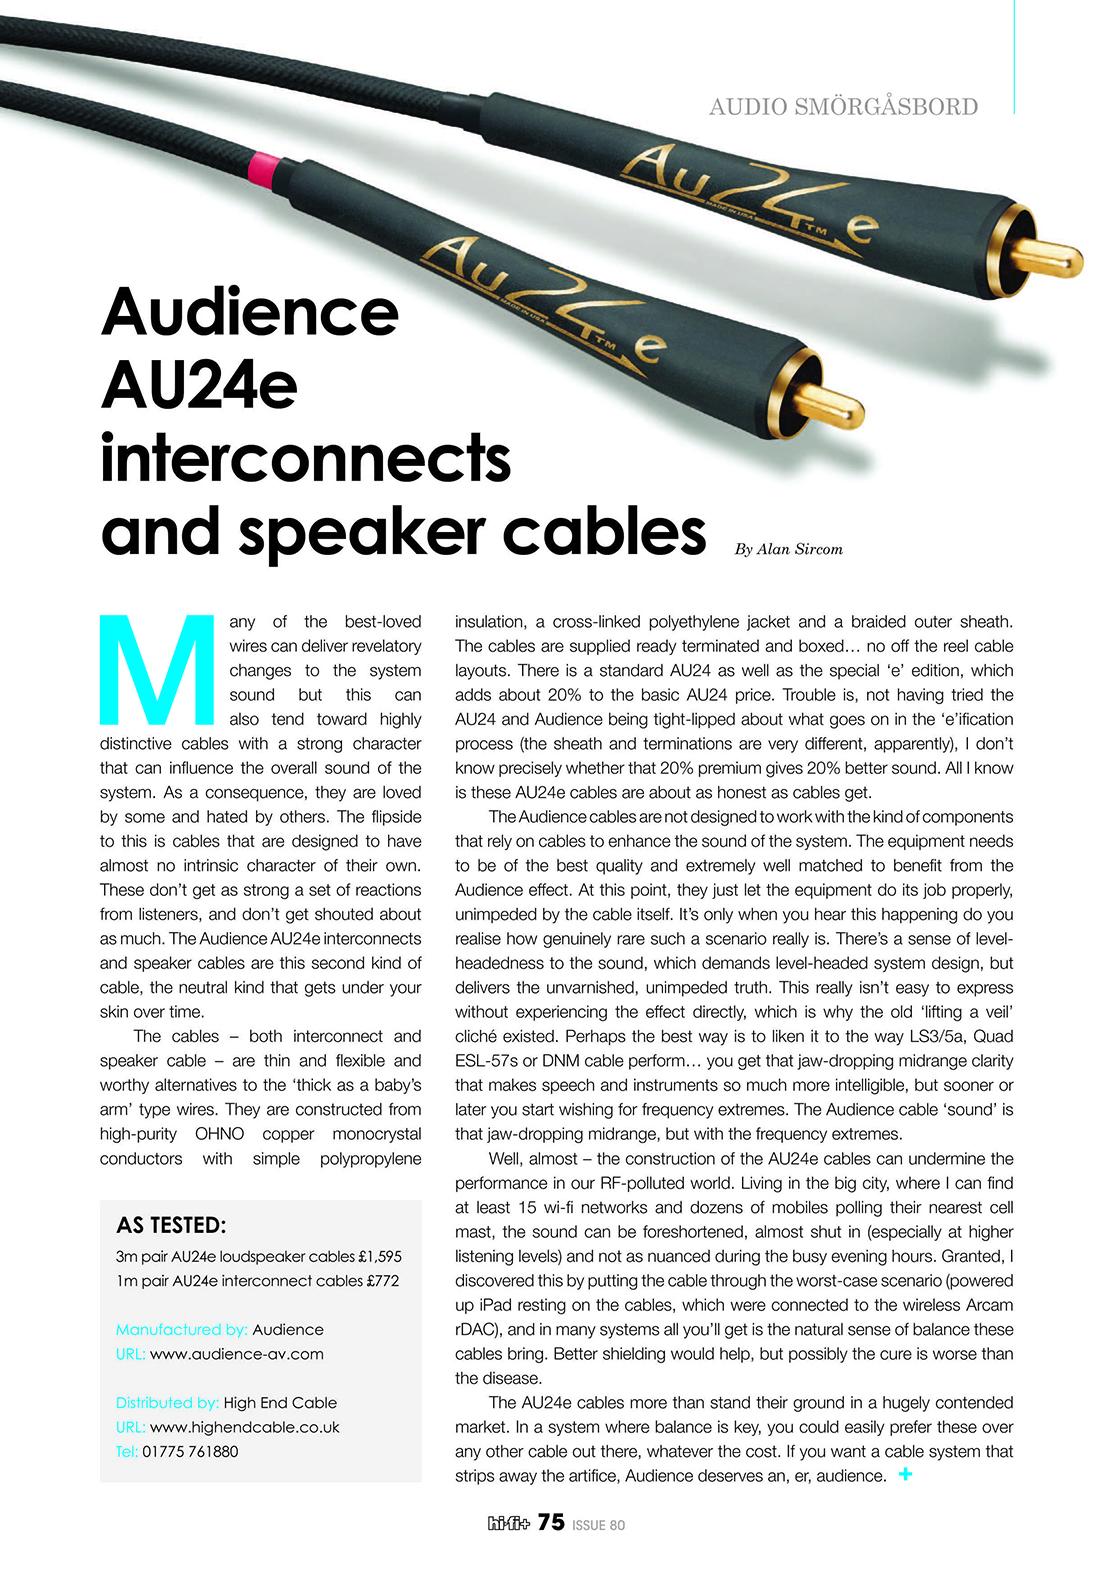 Audience Au24e Review